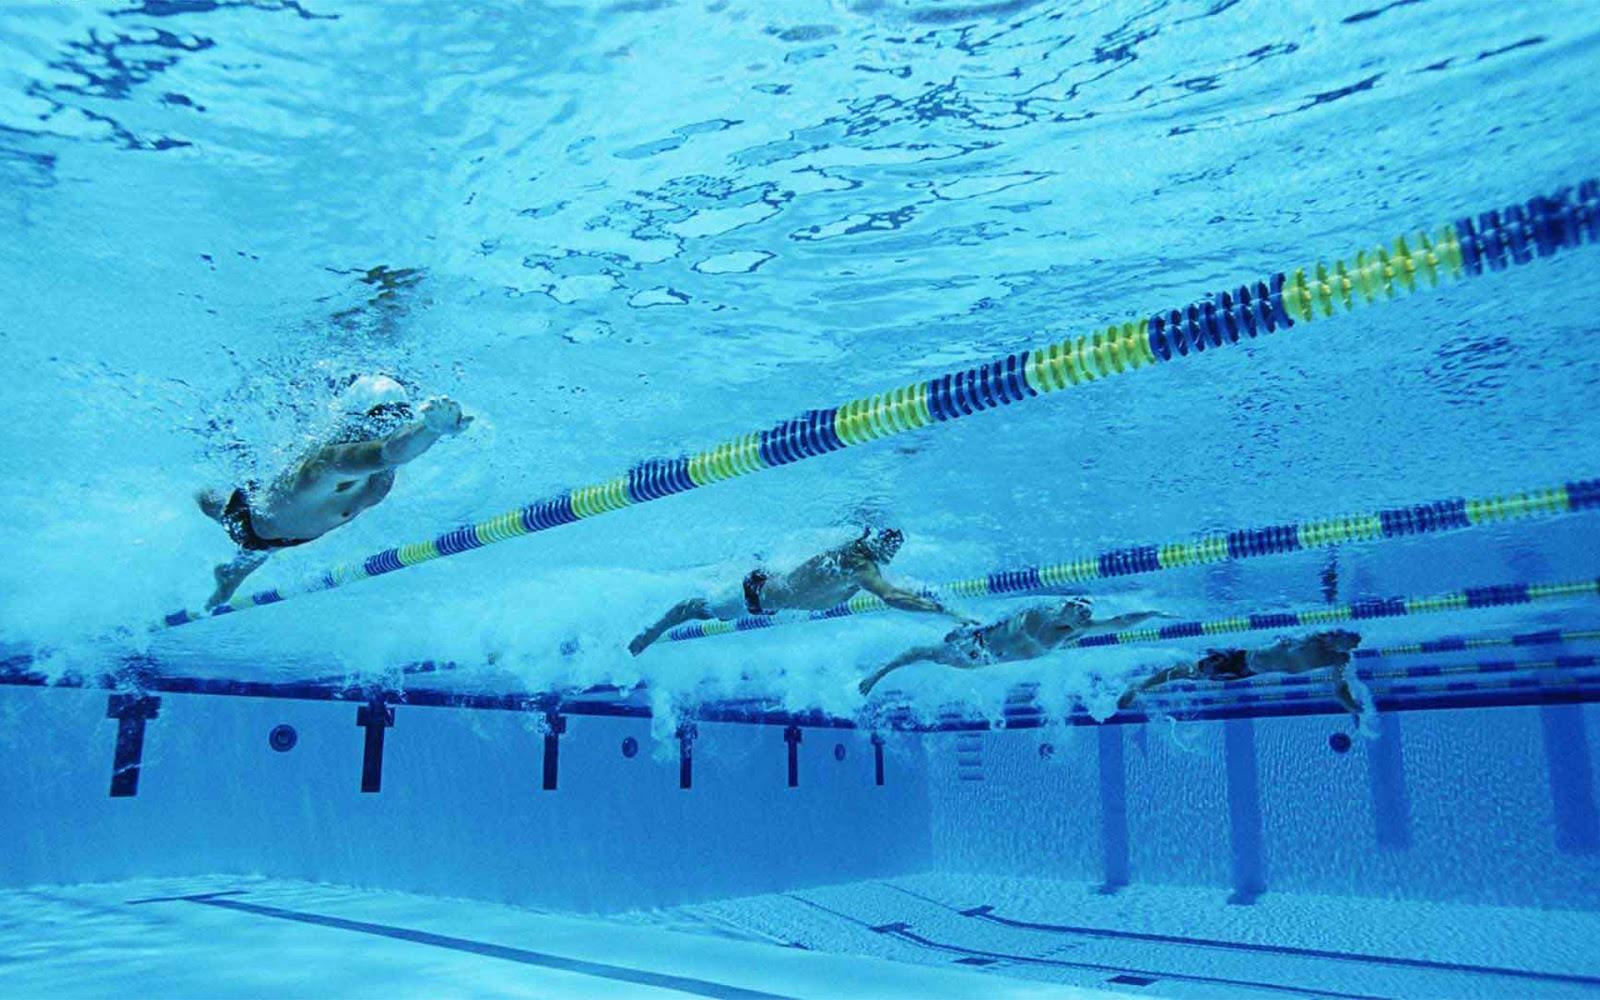 泳渡日月潭,游泳安全,開放水域,三鐵,泳鏡,游泳,黑貂泳鏡